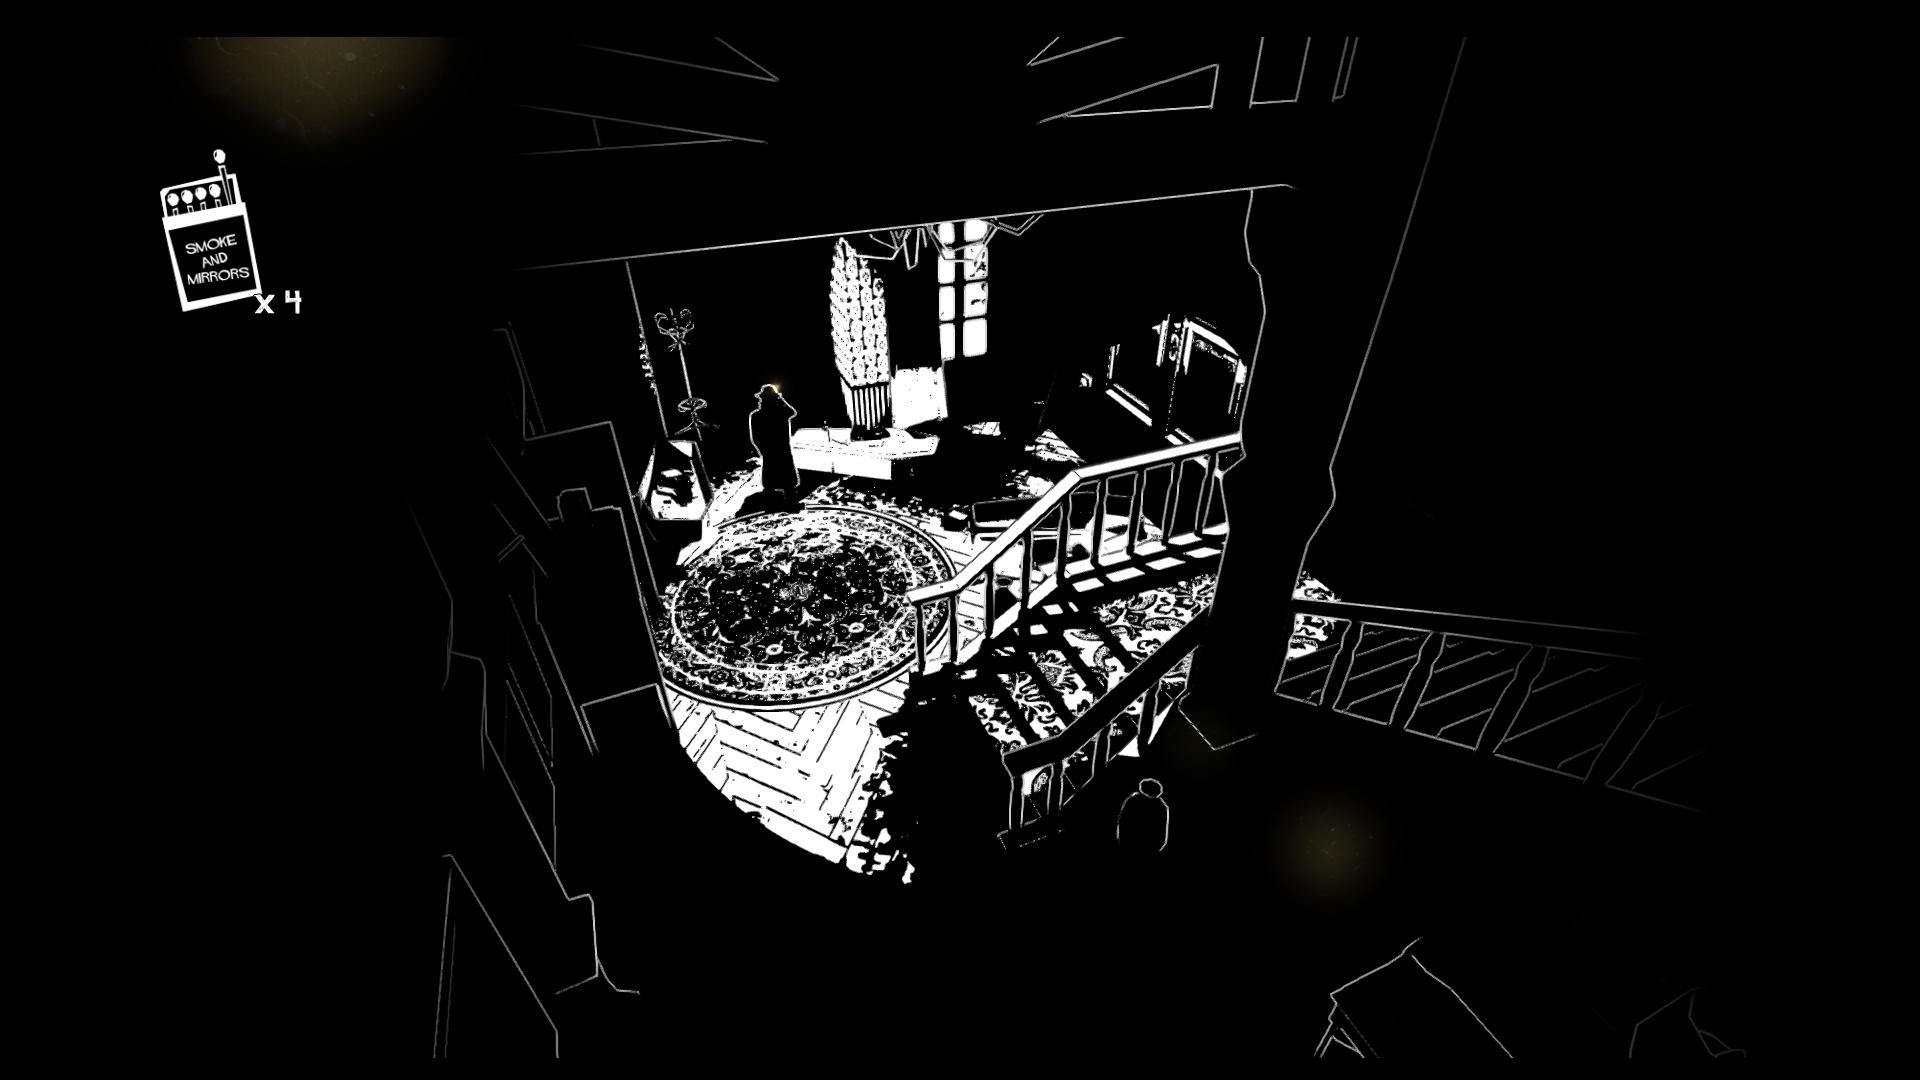 2556442-white-night-screenshot2-20140512.jpg